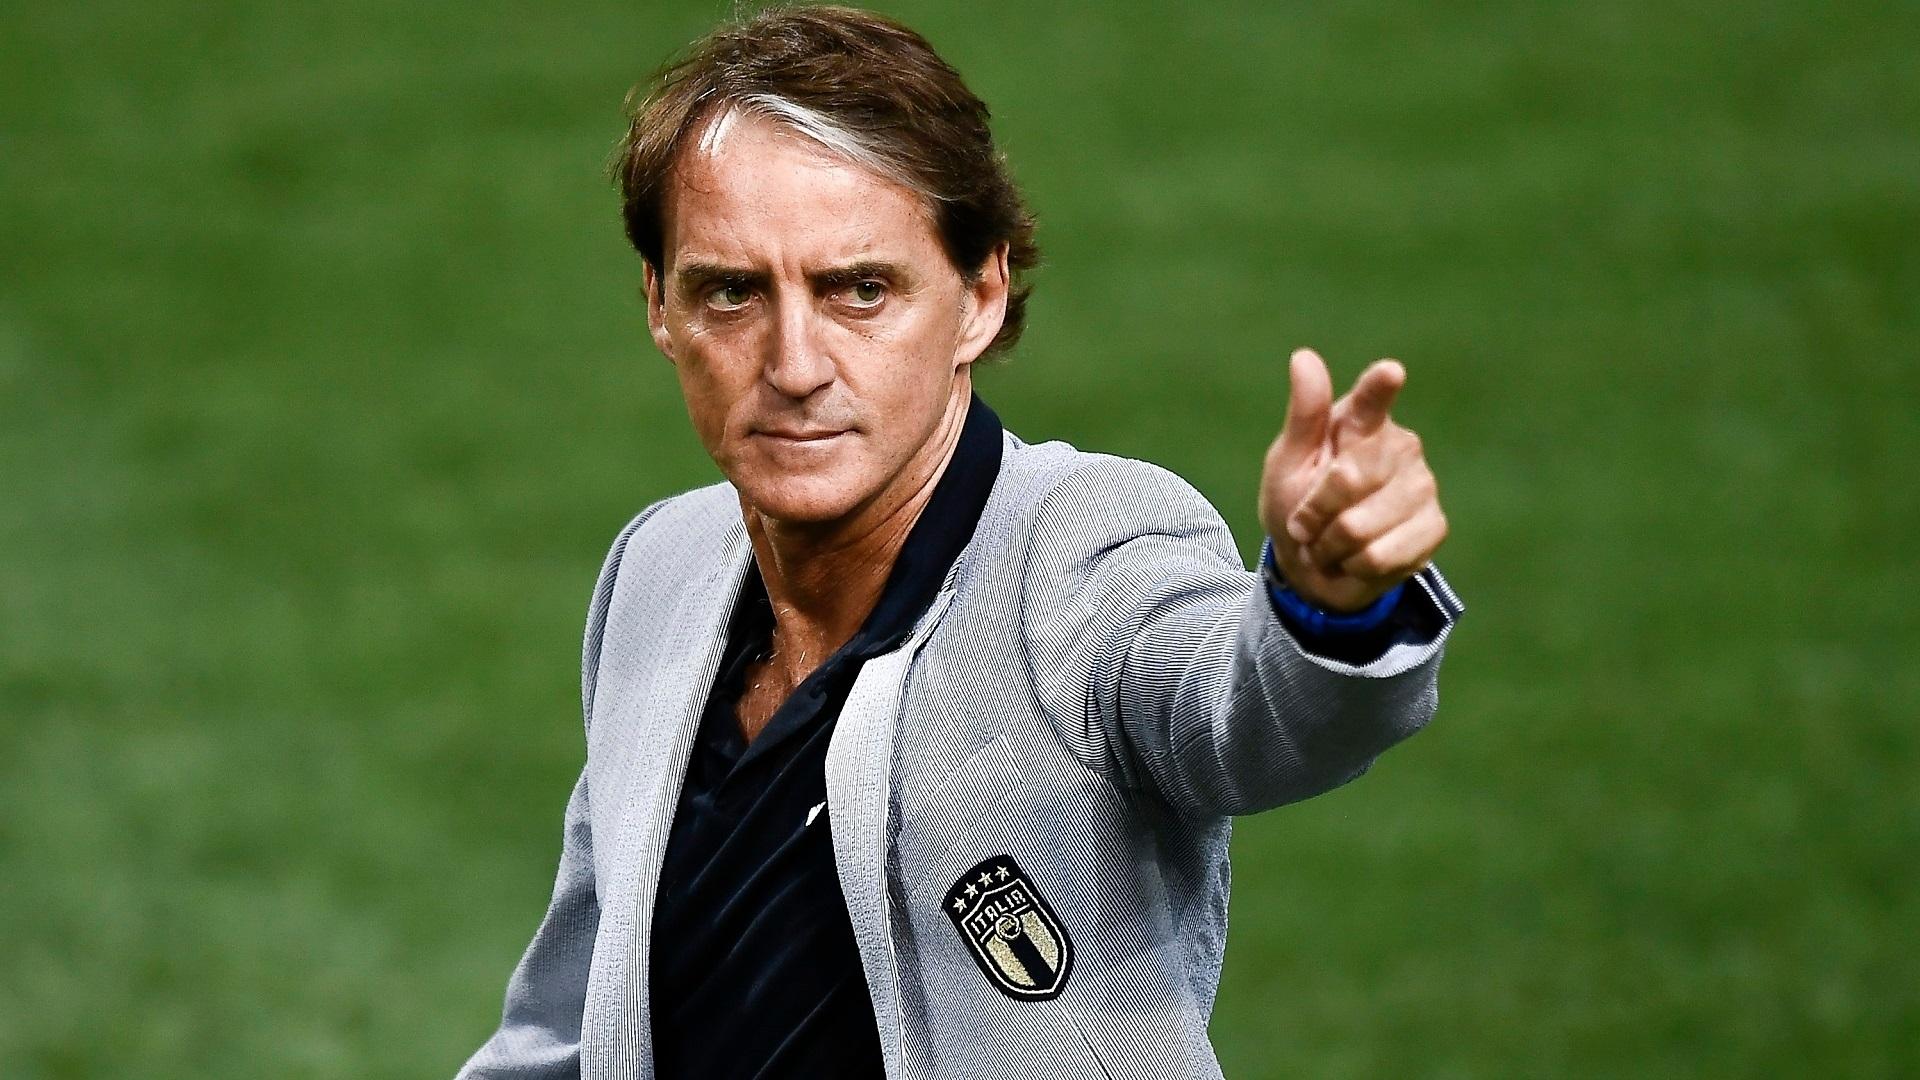 """Il ct Mancini alla vigilia del match con la Svizzera: """" Giochiamo con gioia per fare la partita"""""""